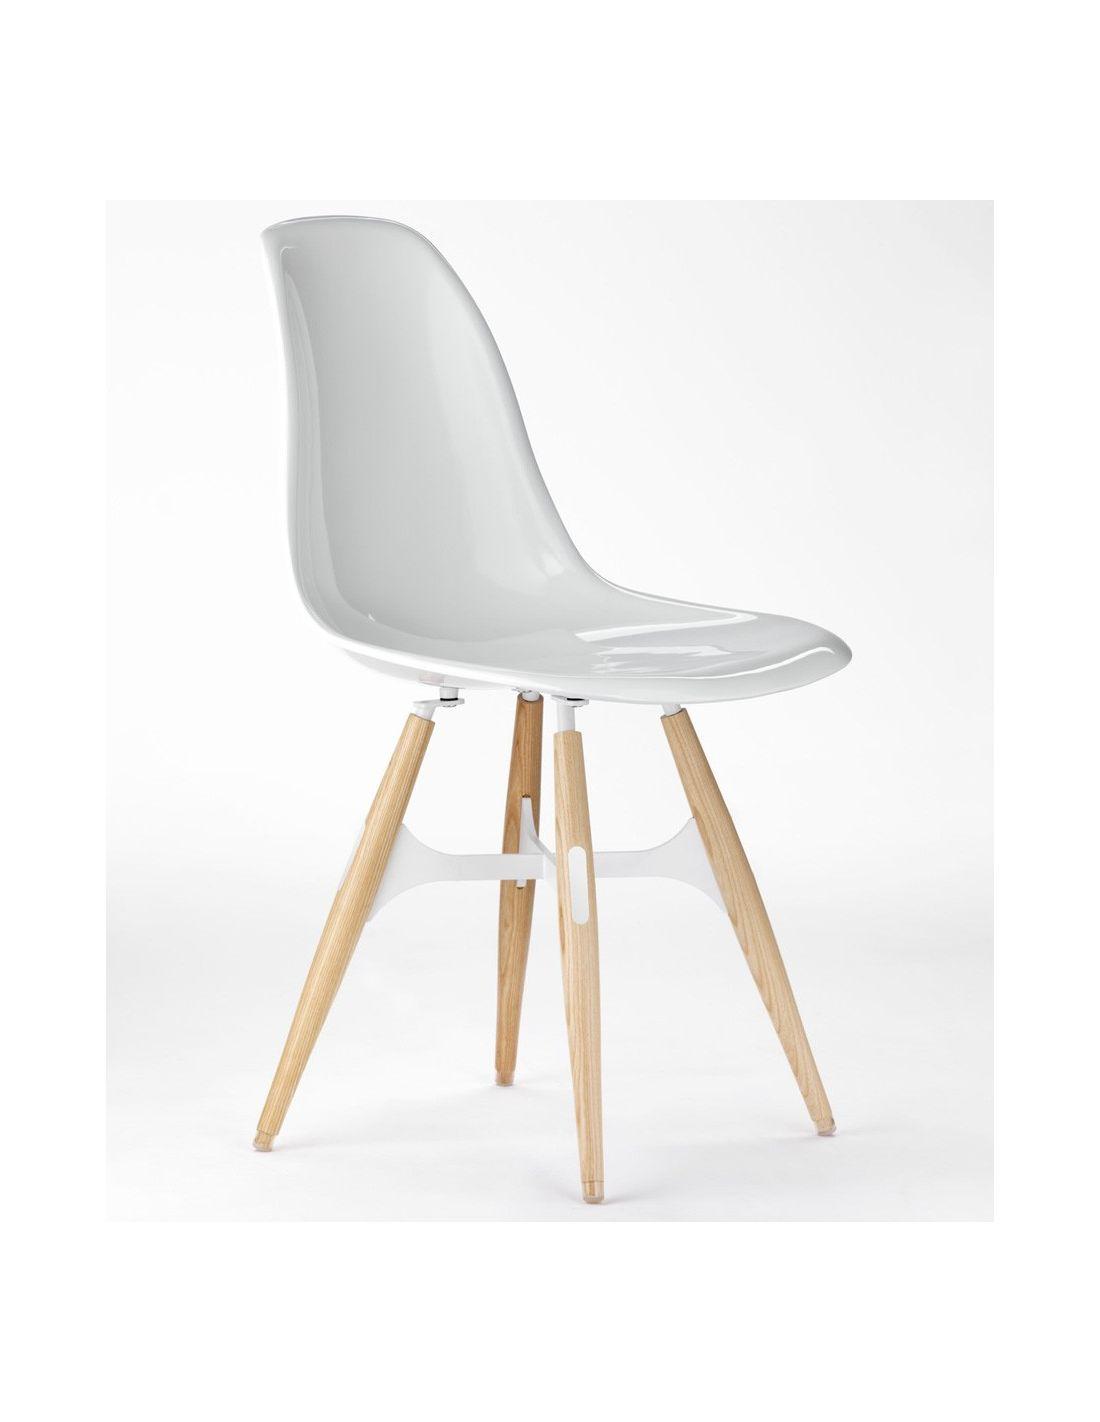 zigzag sedia moderna da cucina in policarbonato gambe in frassino. Black Bedroom Furniture Sets. Home Design Ideas